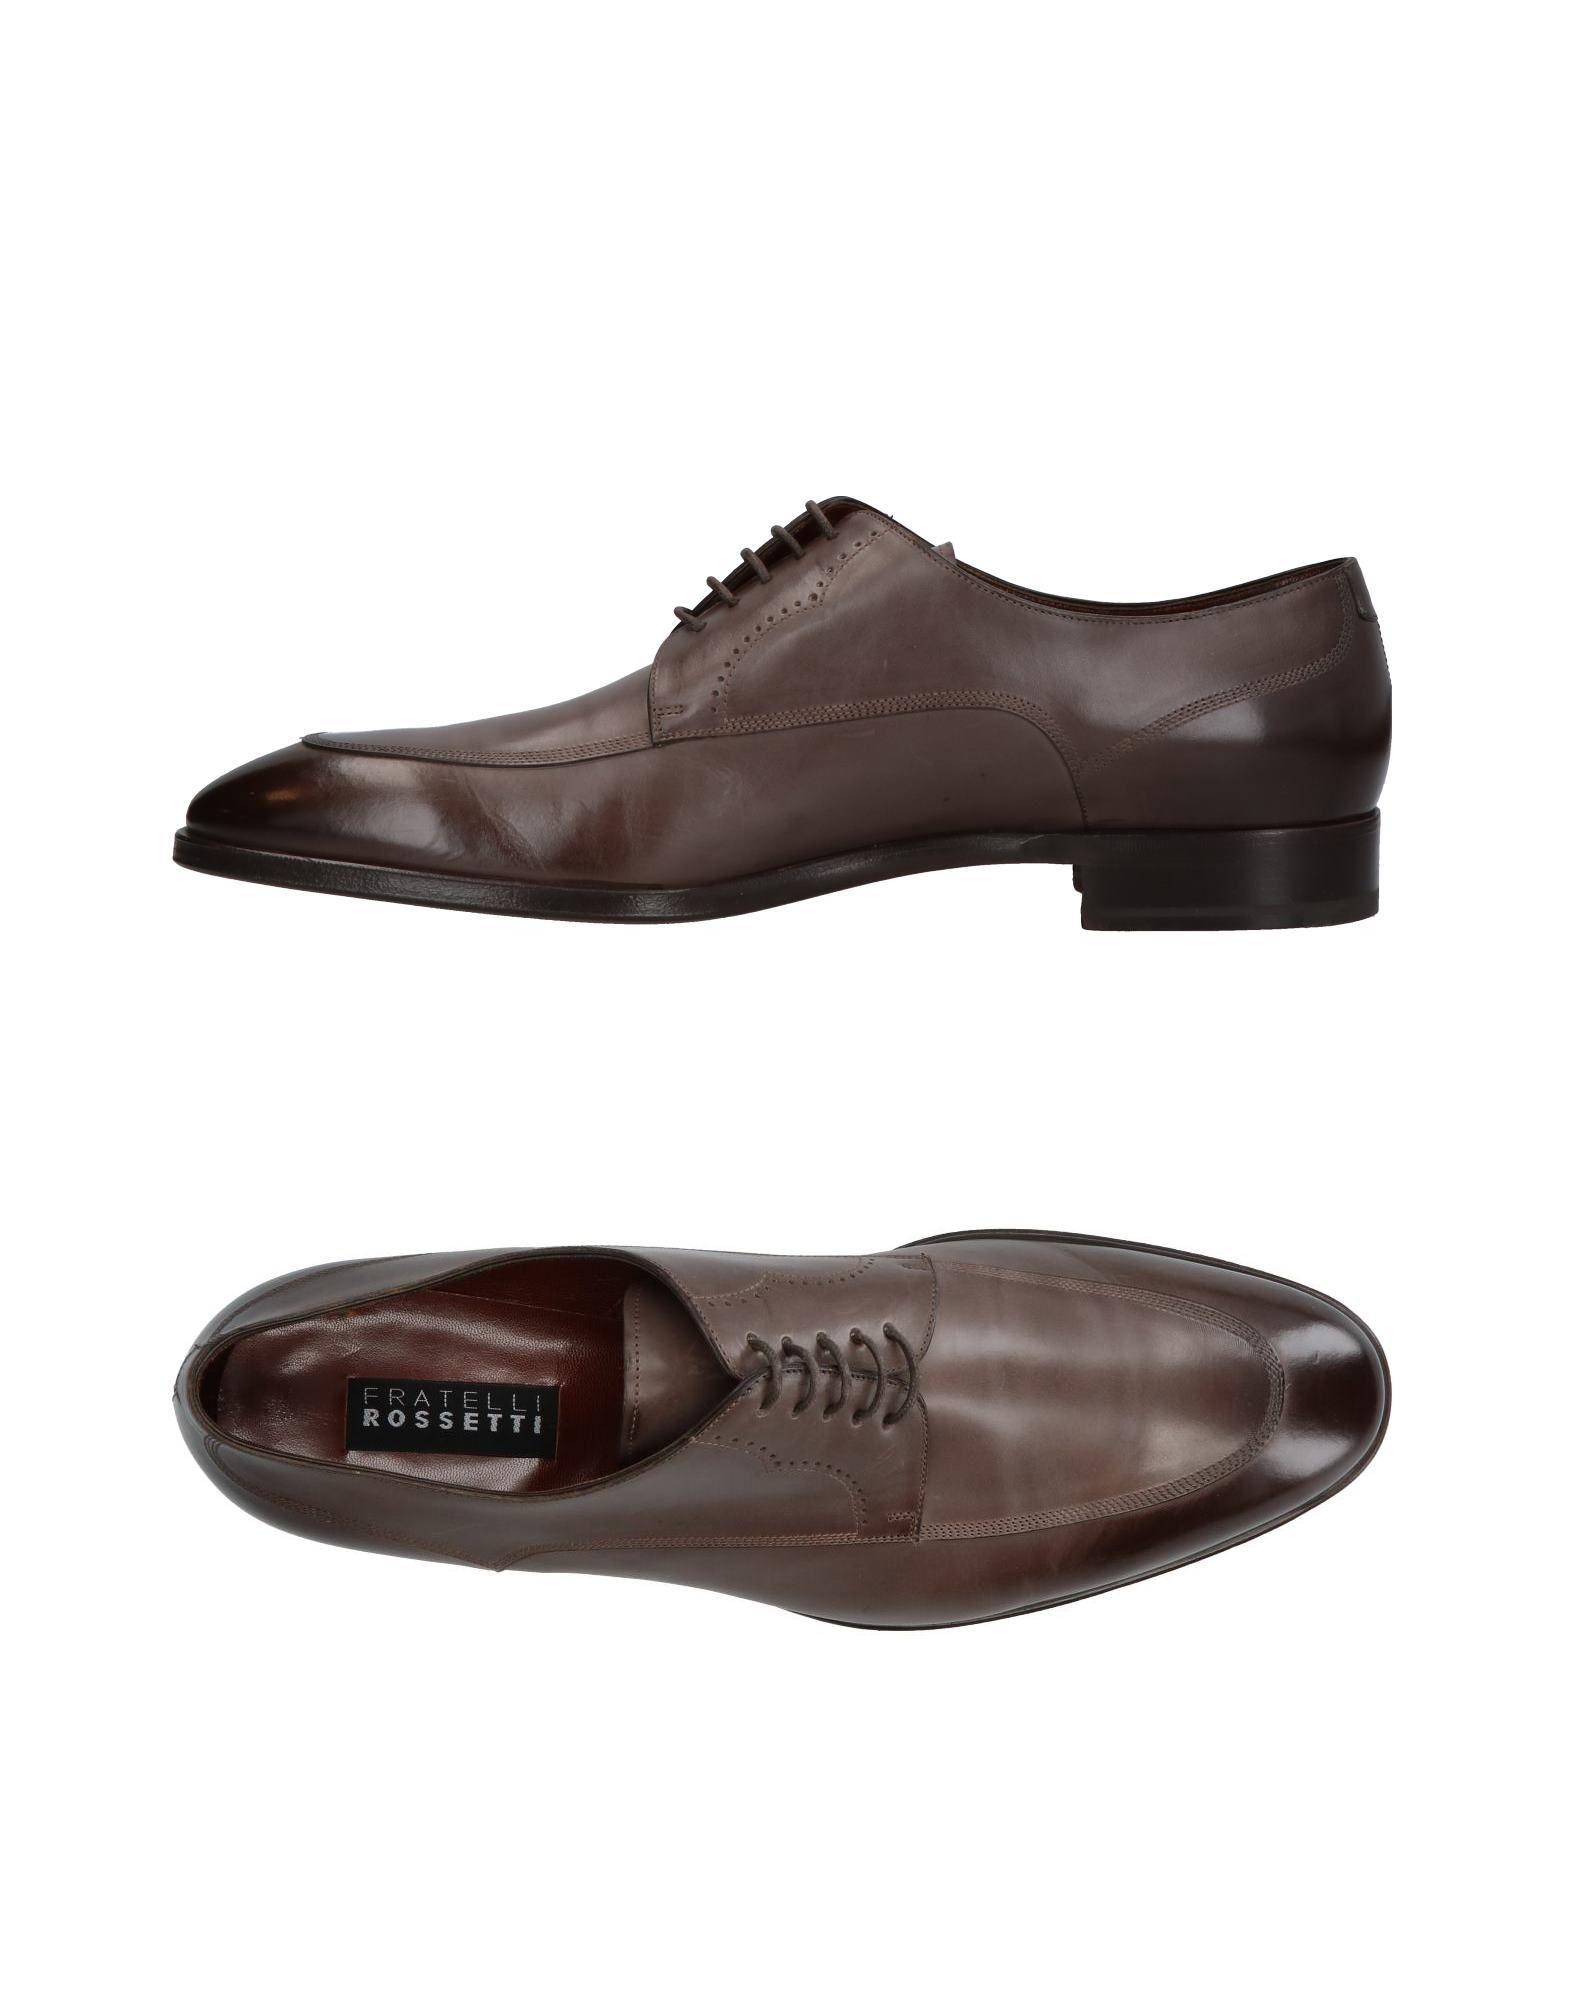 Fratelli Rossetti Schnürschuhe Herren  11352004VD Gute Qualität beliebte Schuhe